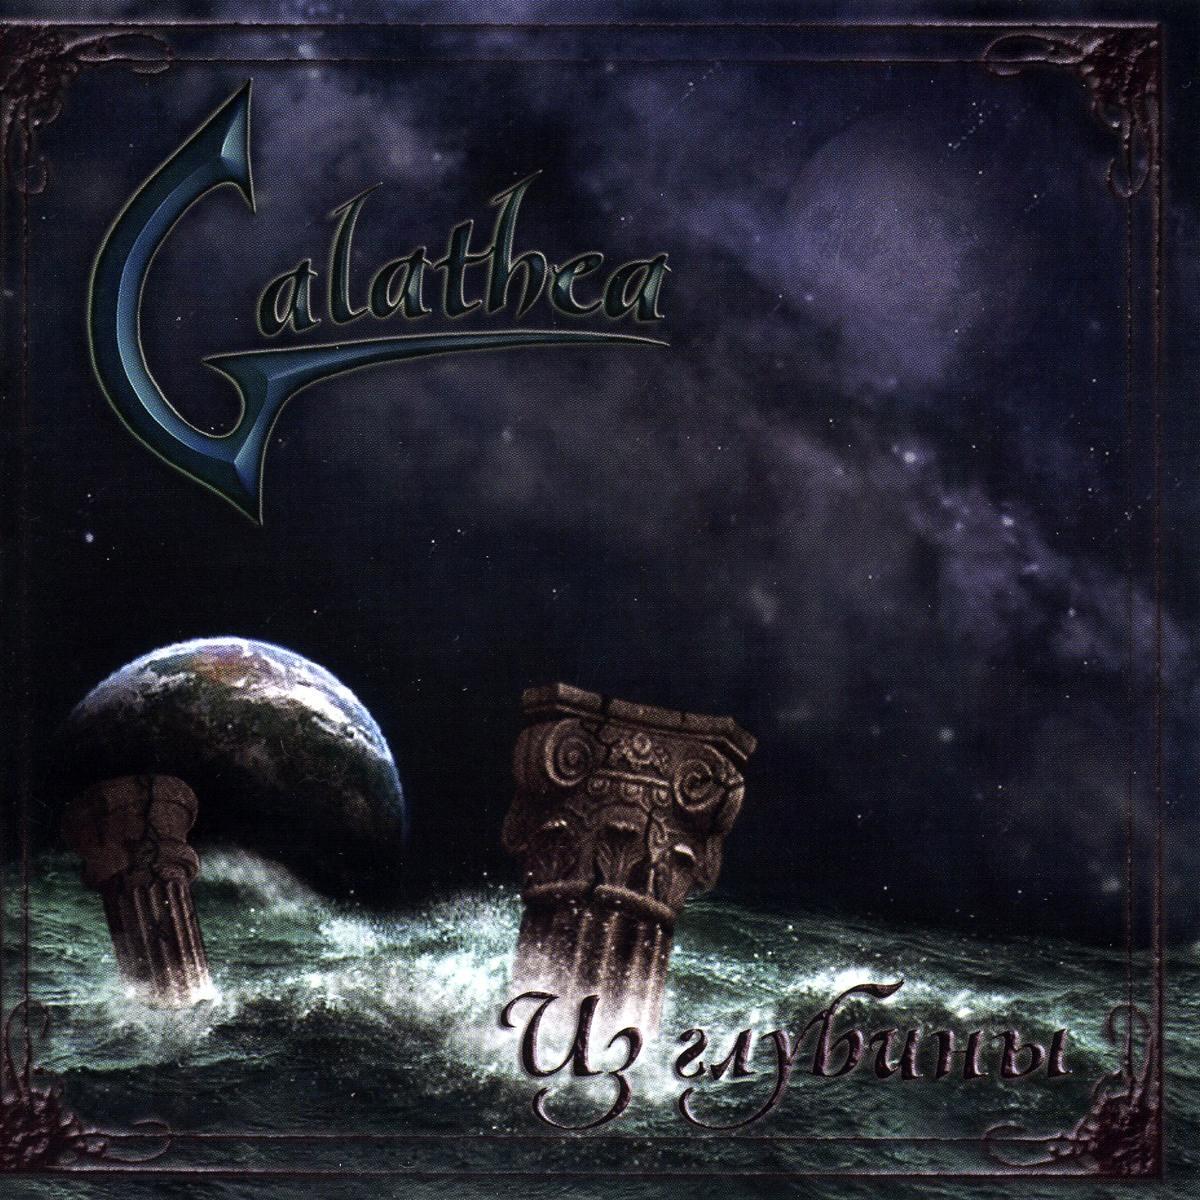 Galathea - Из глубины